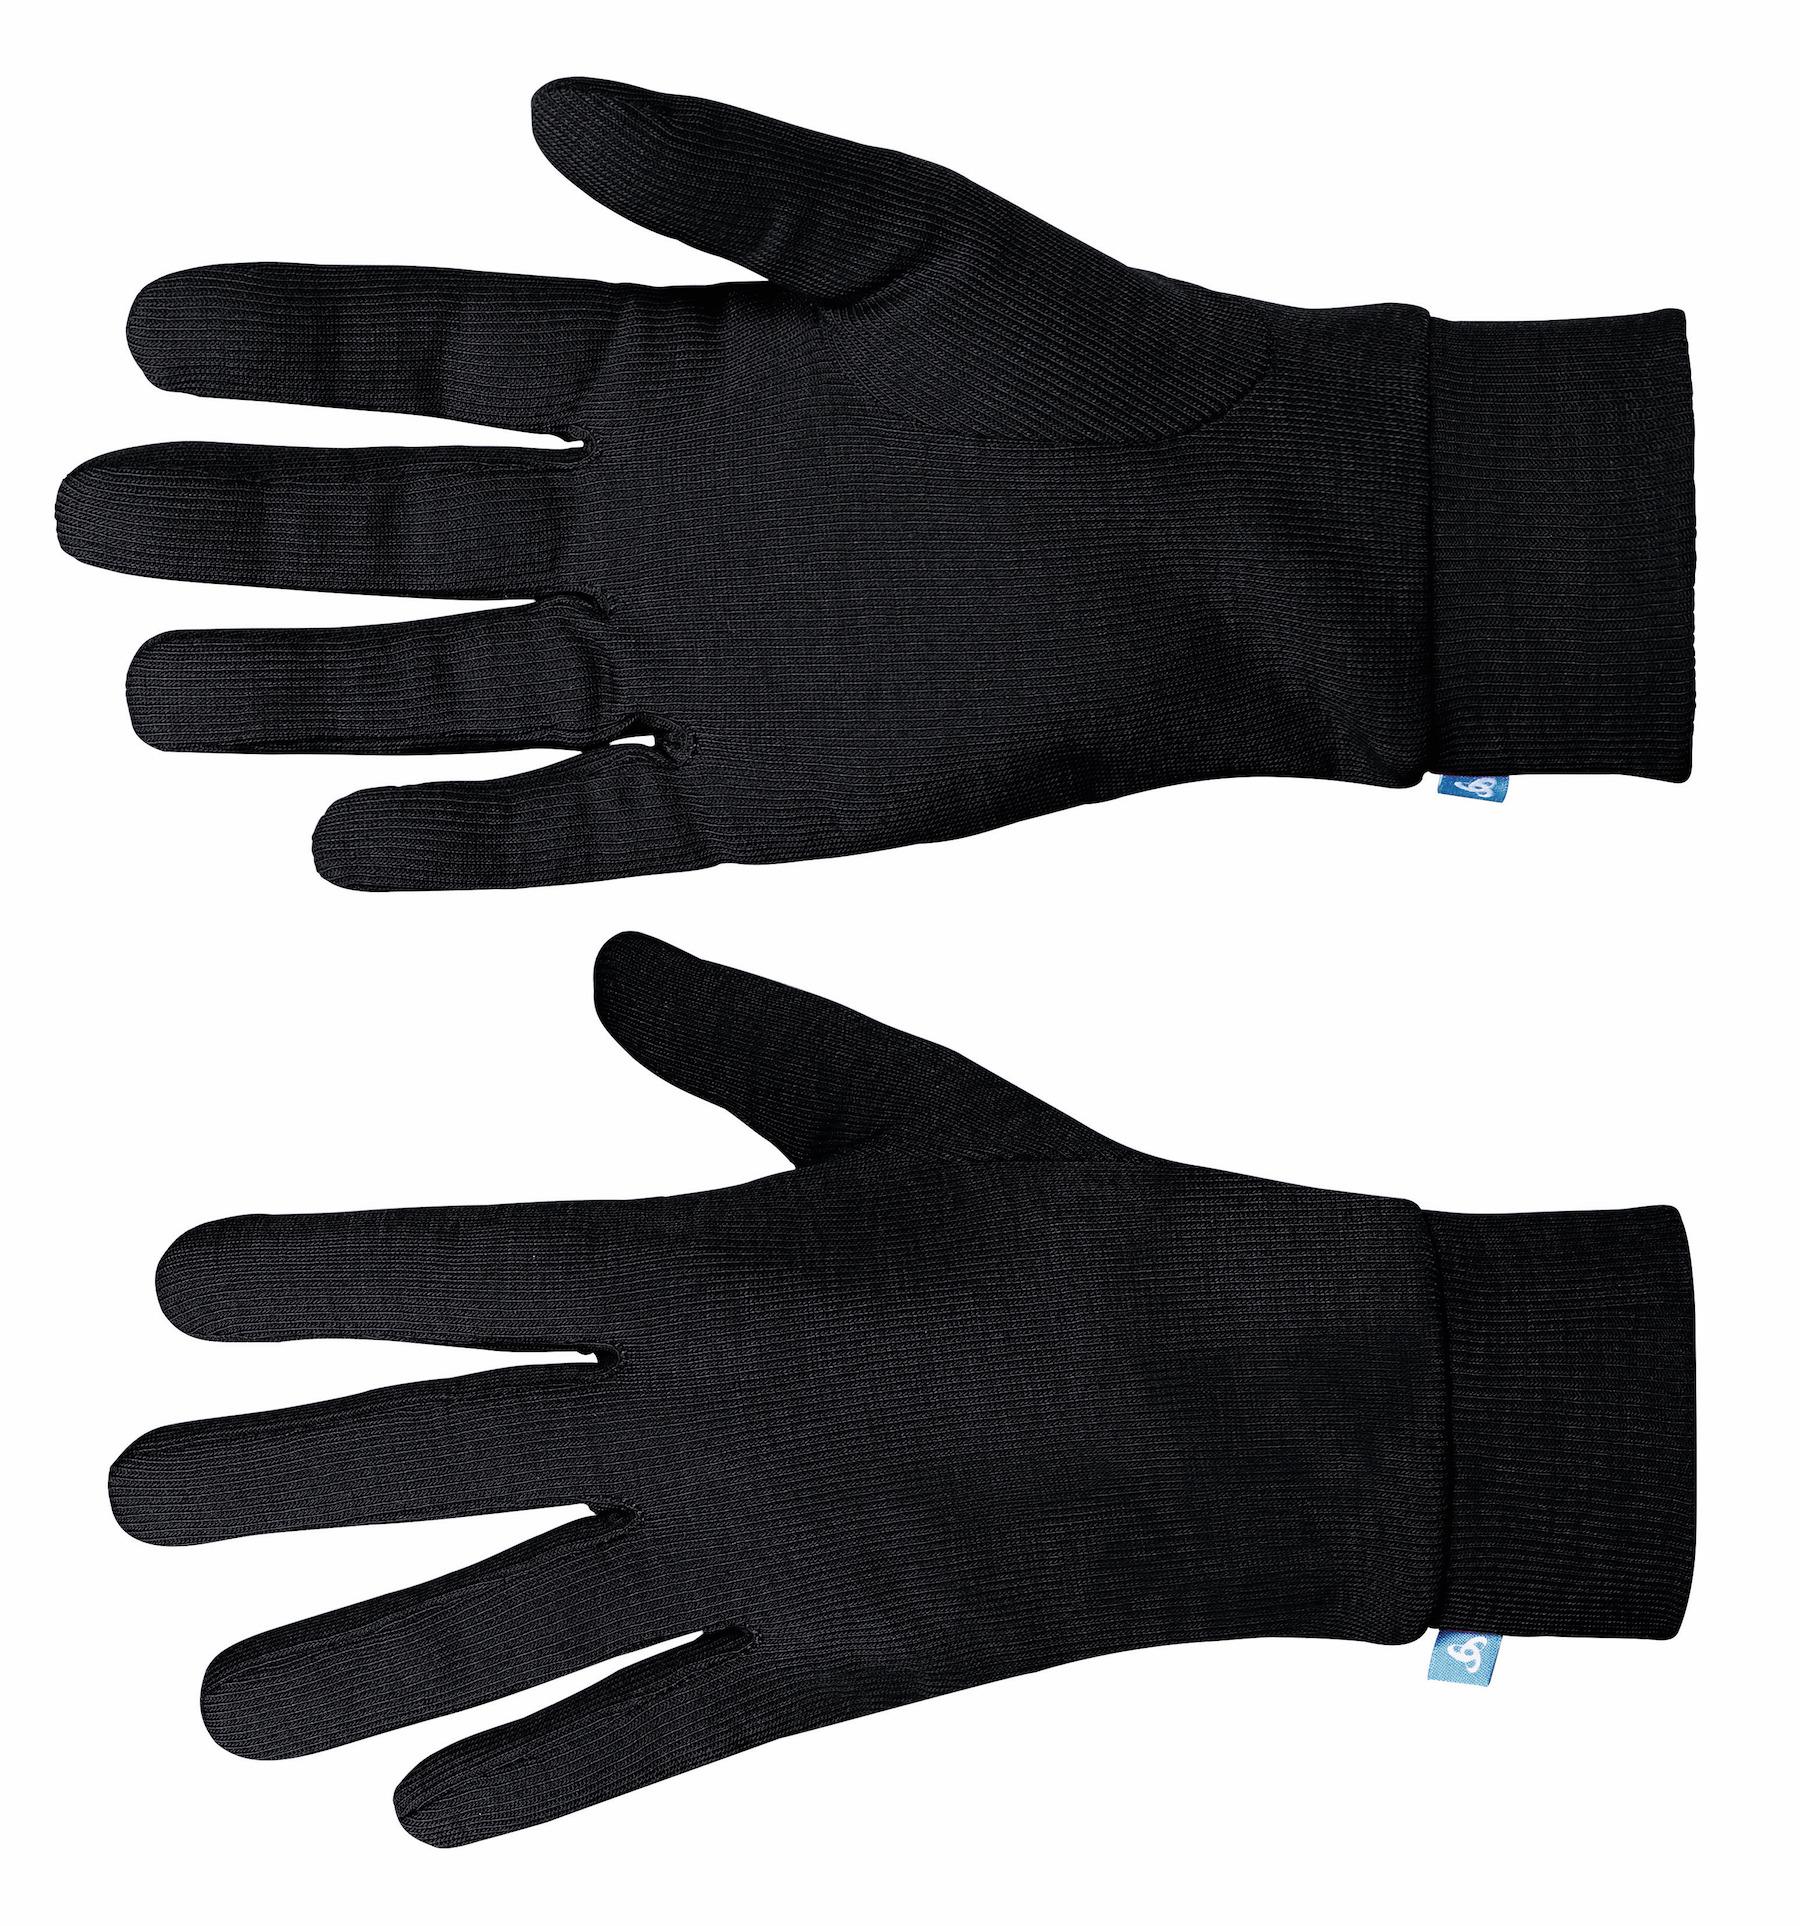 Odlo - Warm Glove - Gloves